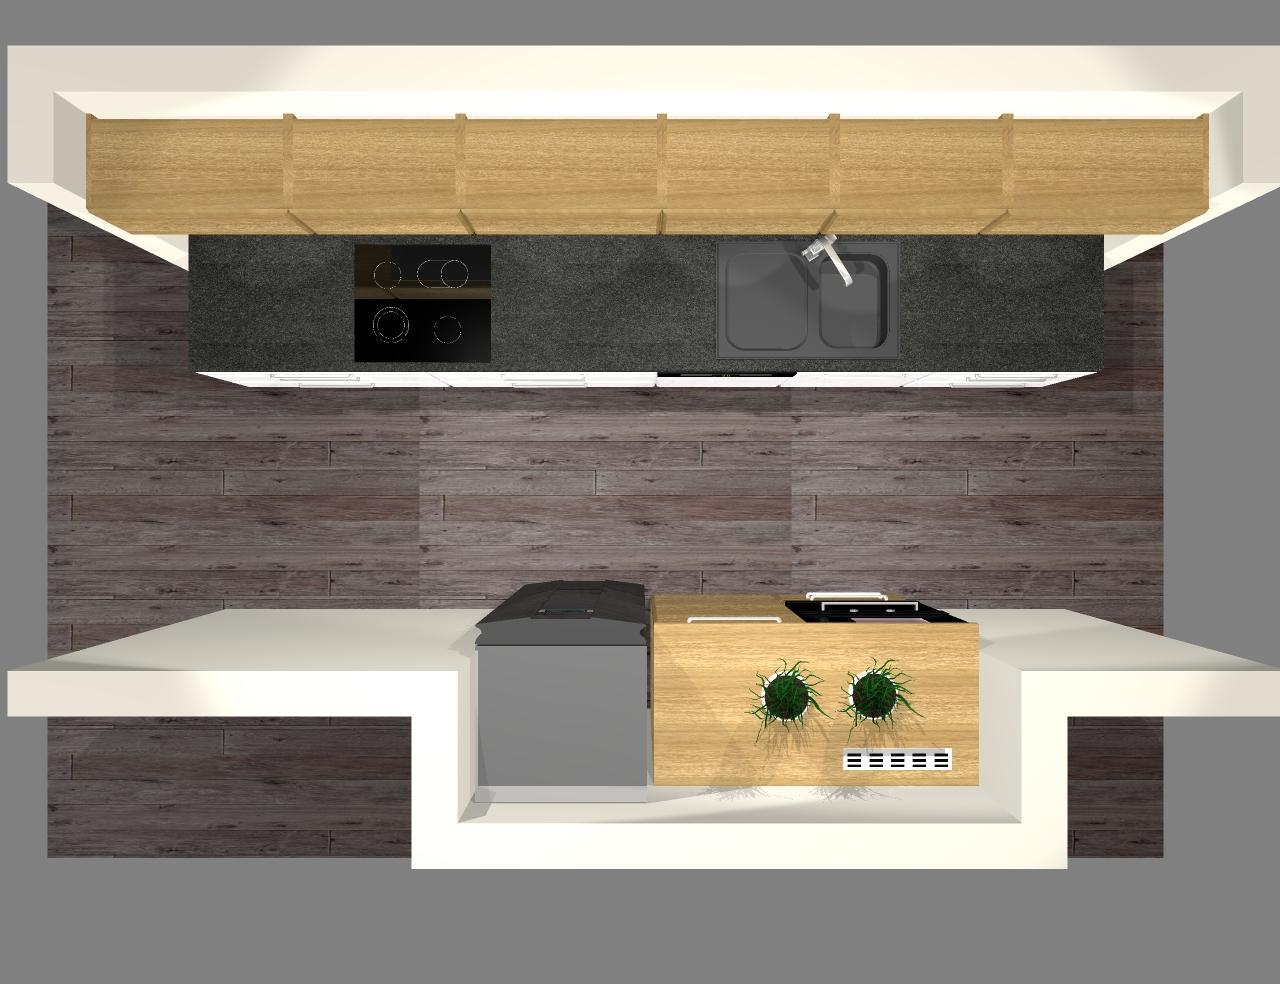 Grafické návrhy kuchynských liniek 2016 - Grafický návrh kuchynskej linky do rodinného domu - obr.9